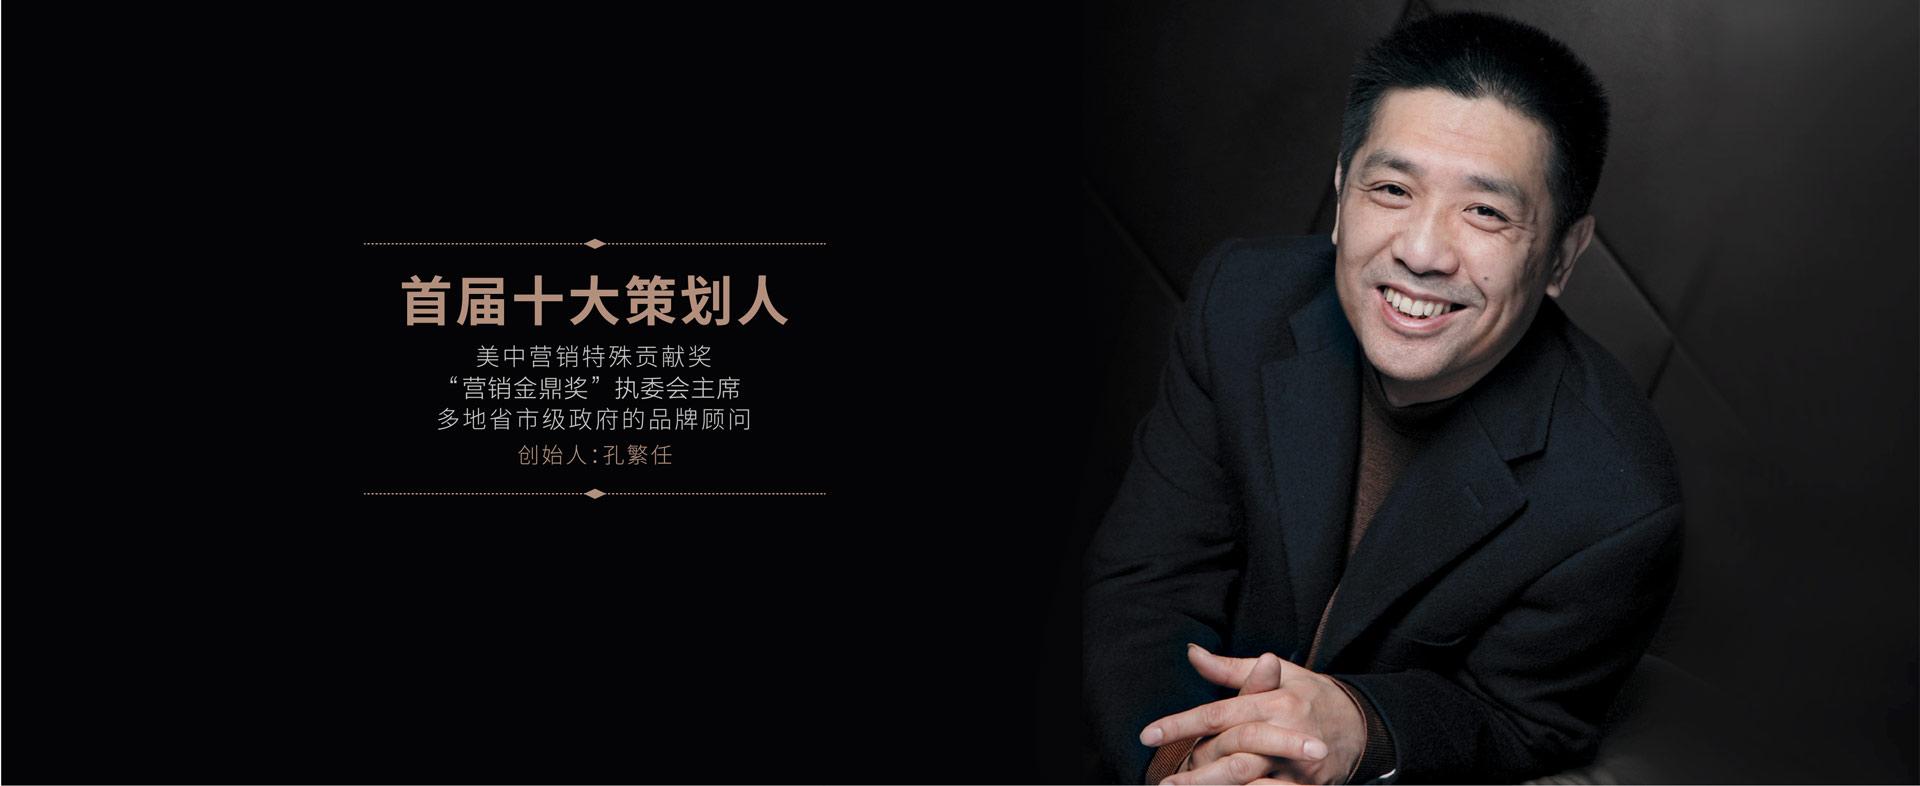 上海品牌咨询公司-品牌战略咨询-品牌战略规划